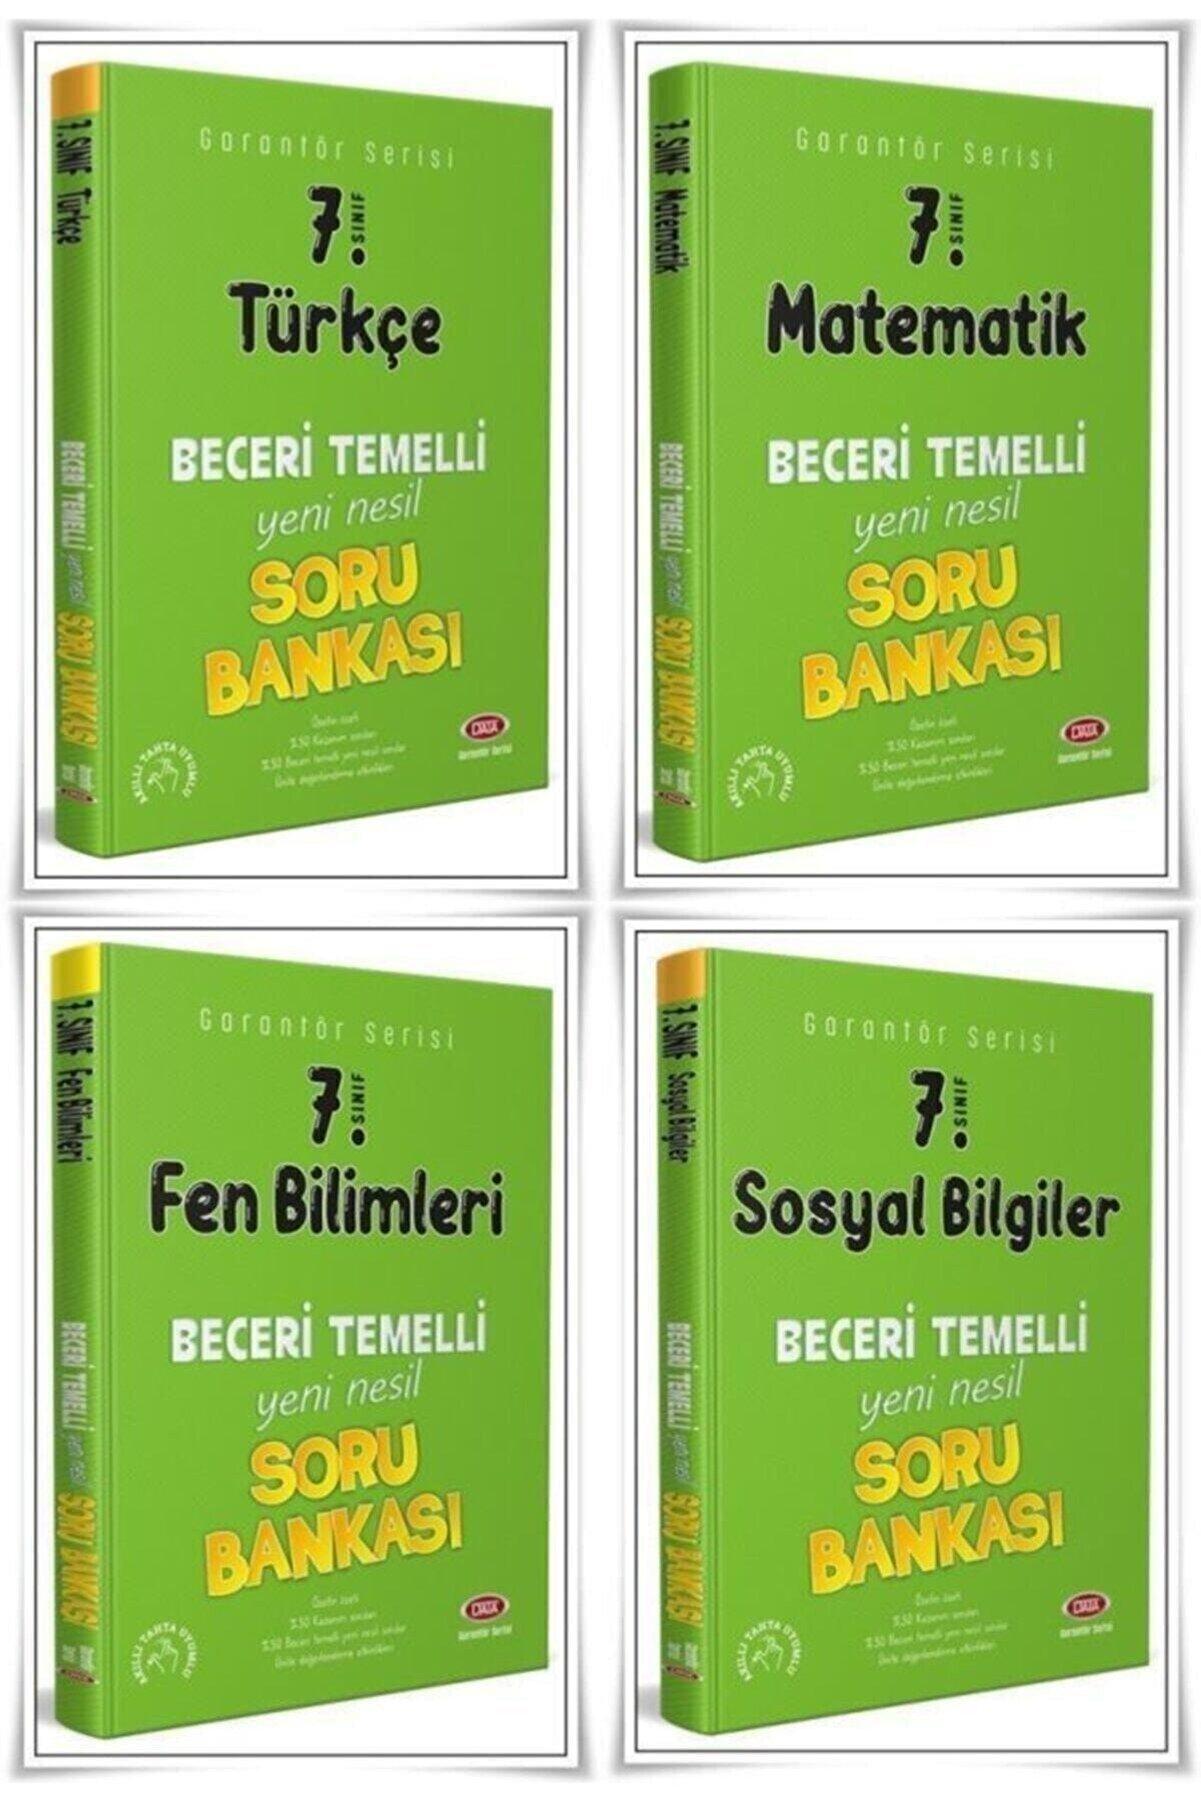 DIGERUI Data Yayınları 7. Sınıf Beceri Temelli Soru Bankası Seti